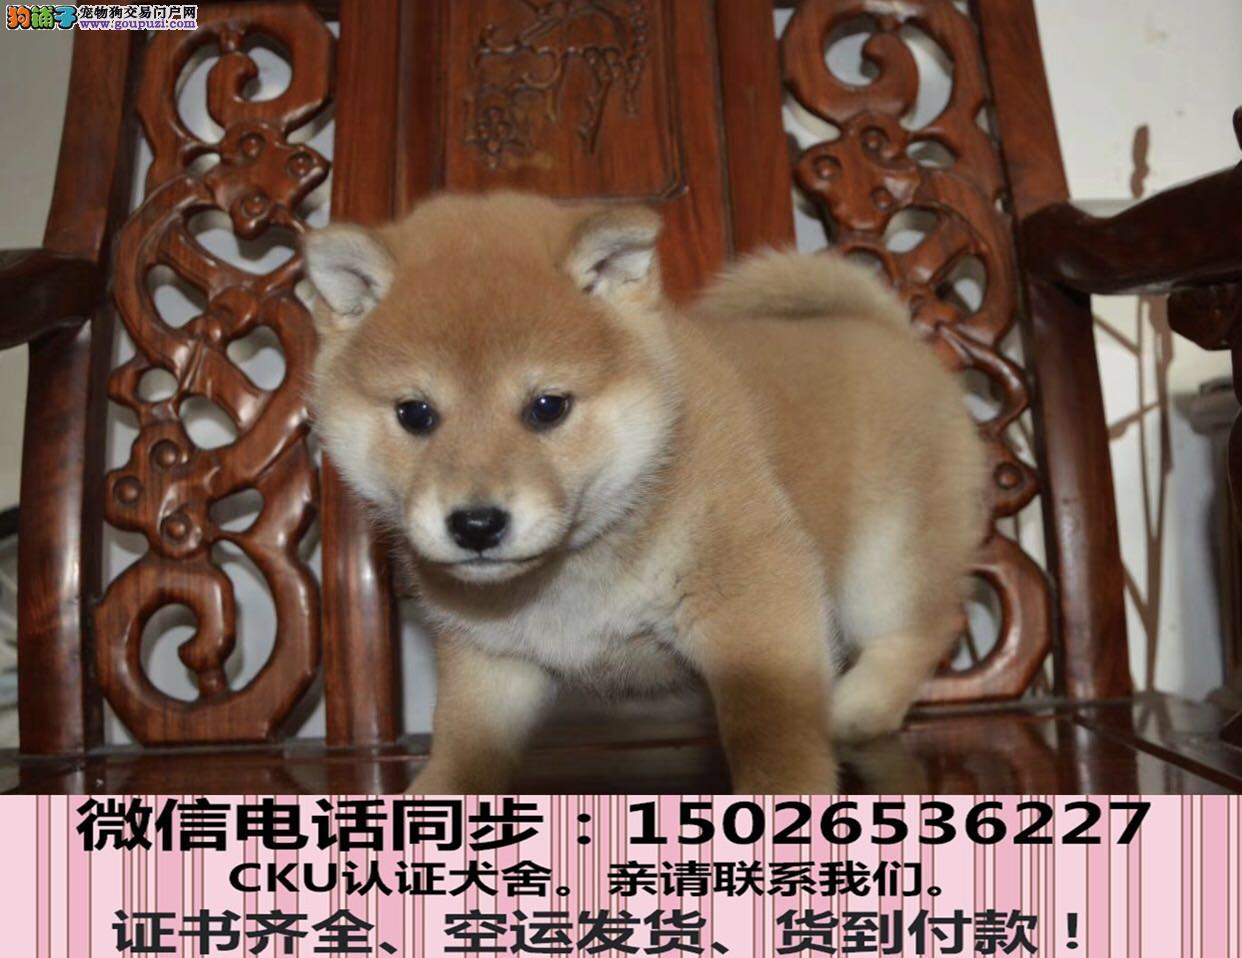 带血统出售柴犬 终身质保 质量三包